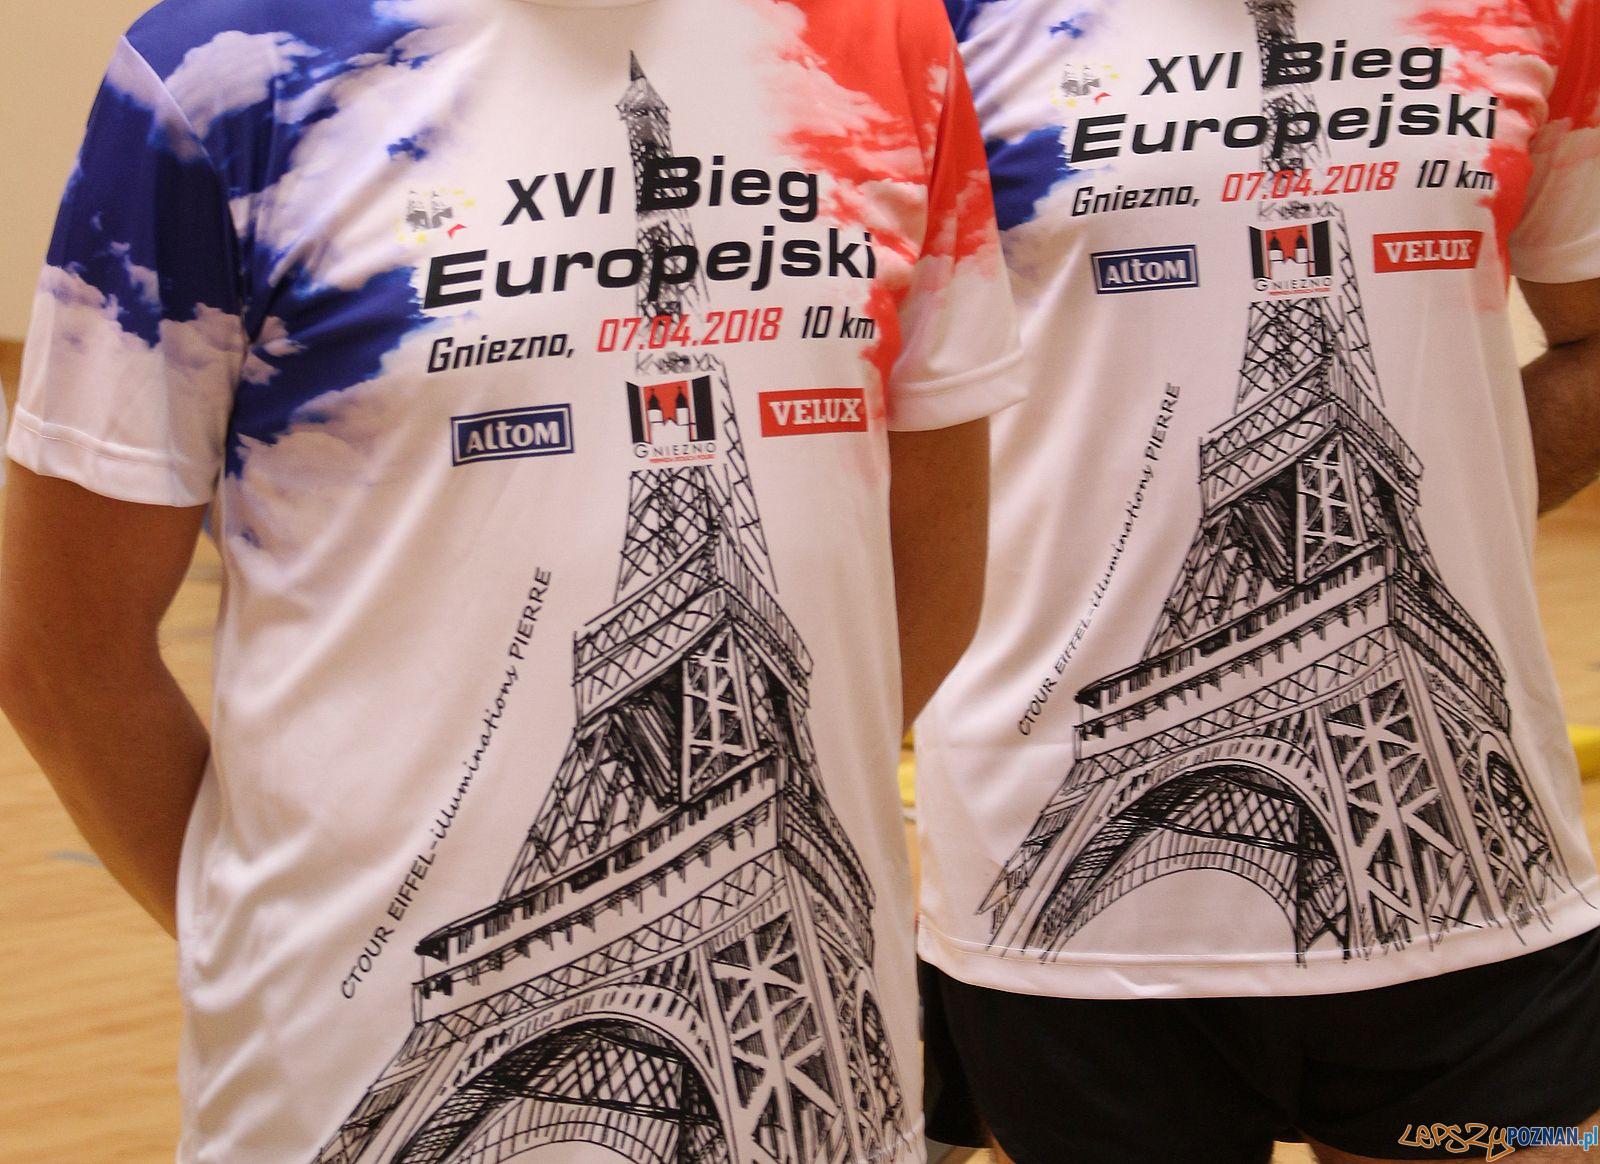 Bieg Europejski w Gnieźnie - koszulki  Foto: materiały prasowe